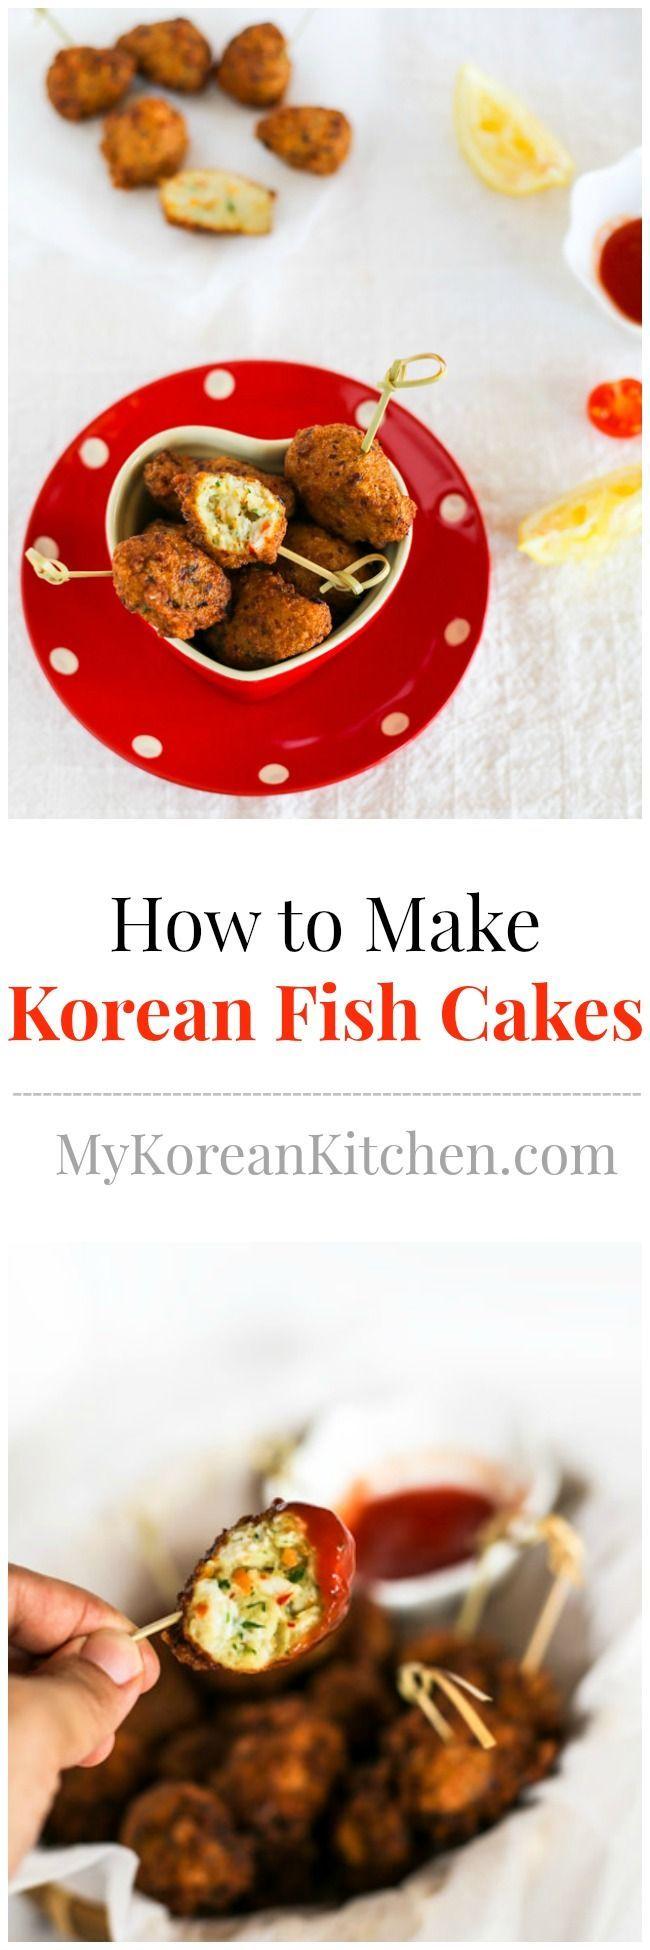 31 best Korean Food images on Pinterest | Cooking food, Korean ...